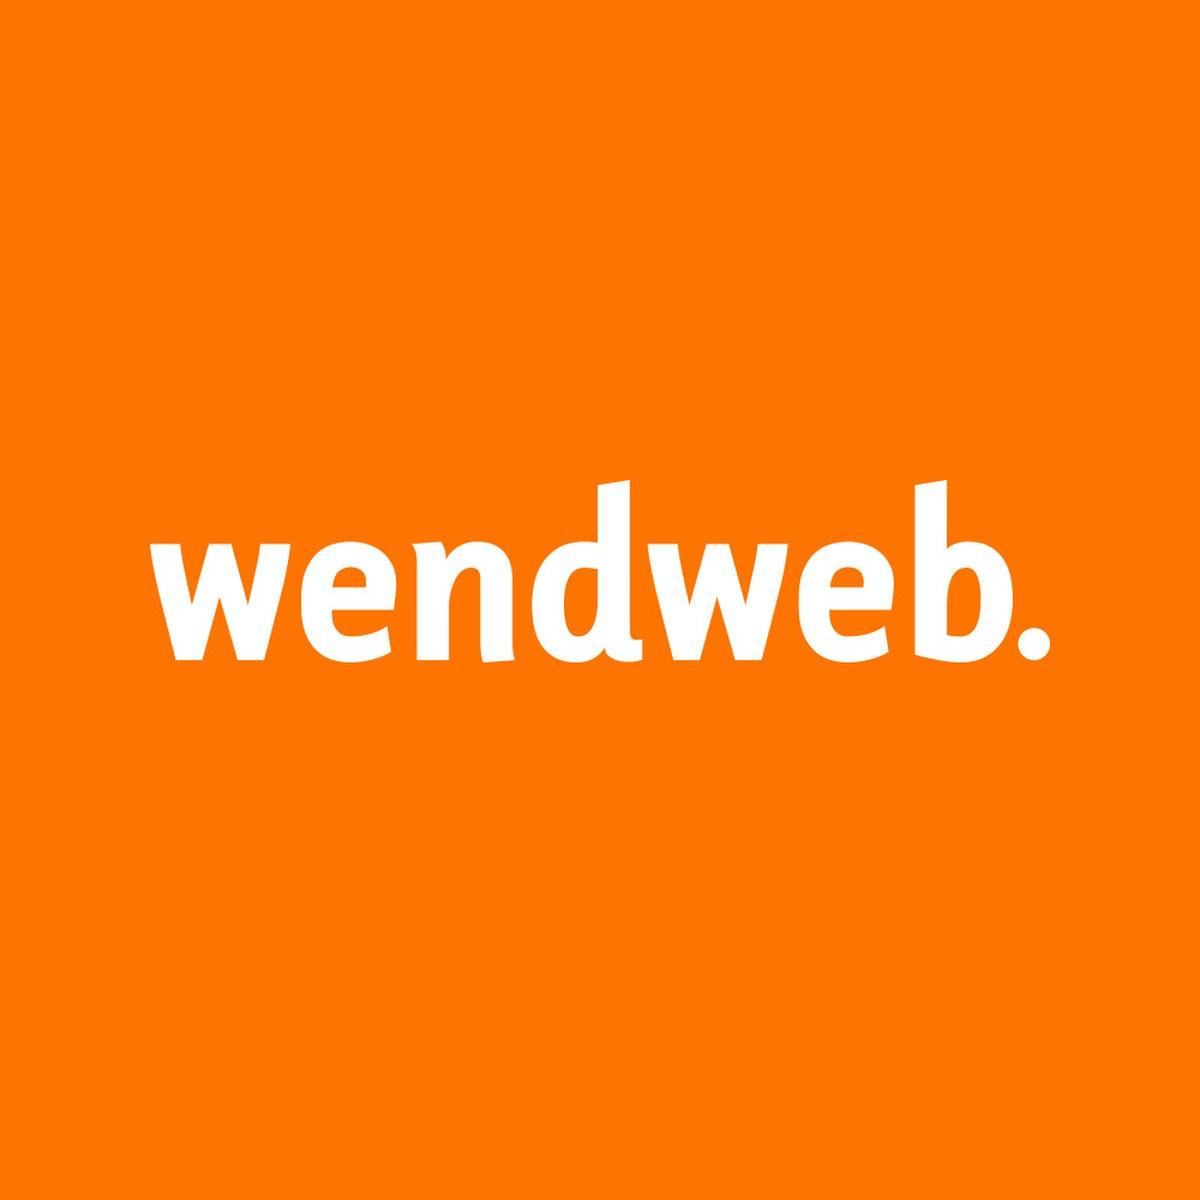 wendweb GmbH